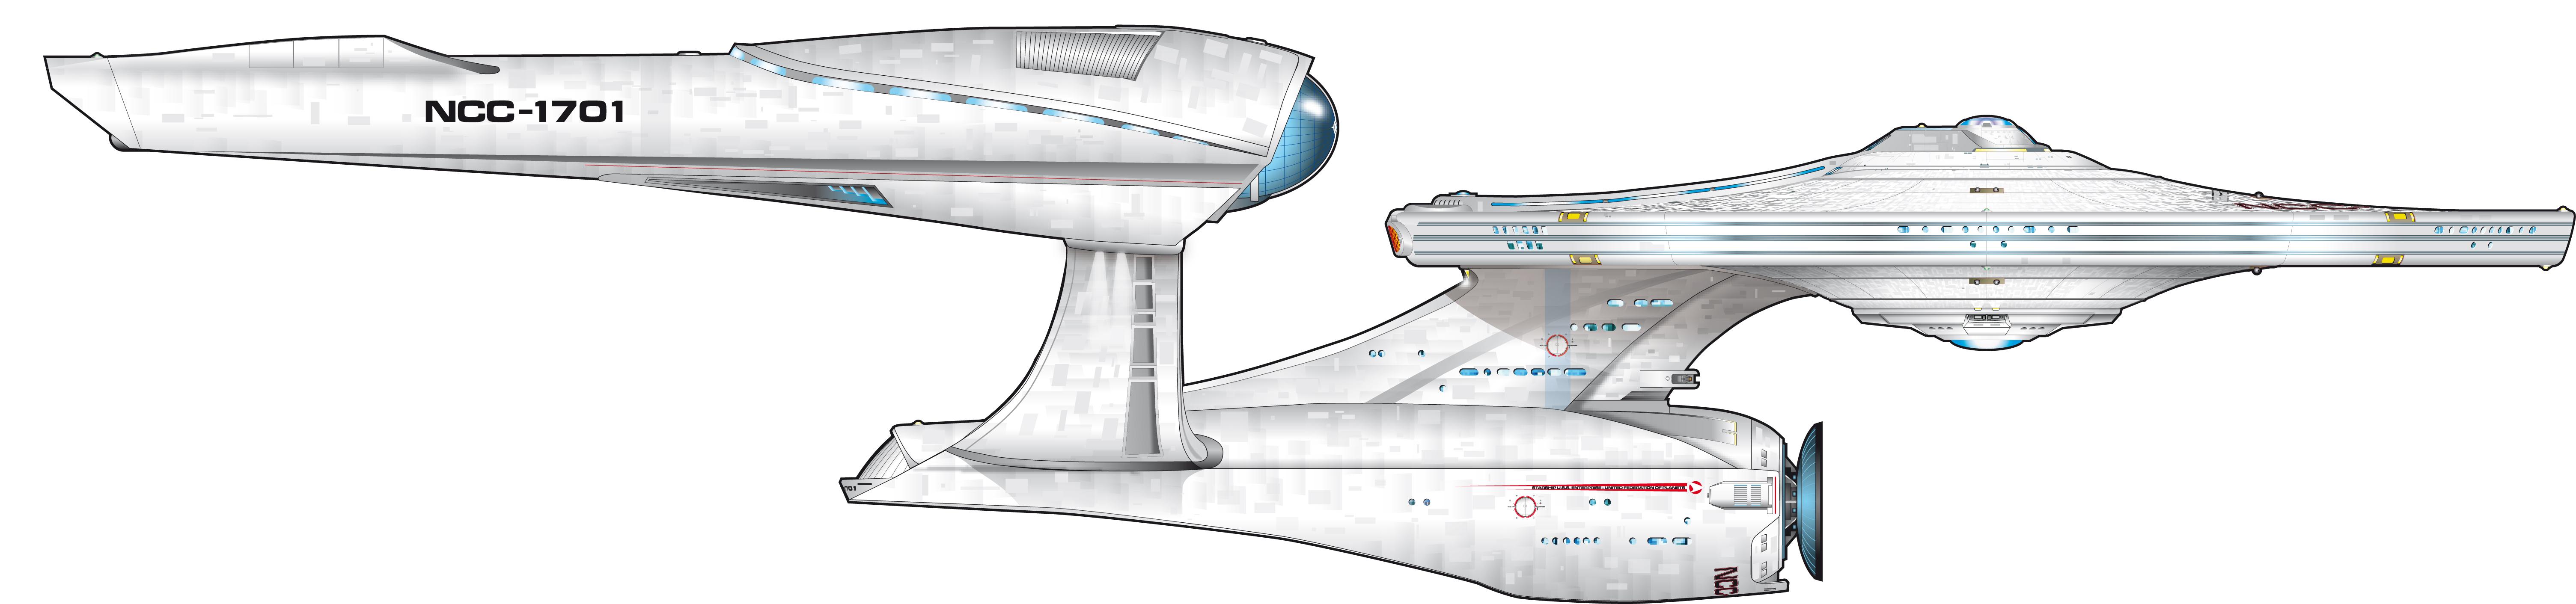 Star trek enterprise schematics nx deck plans get free image about